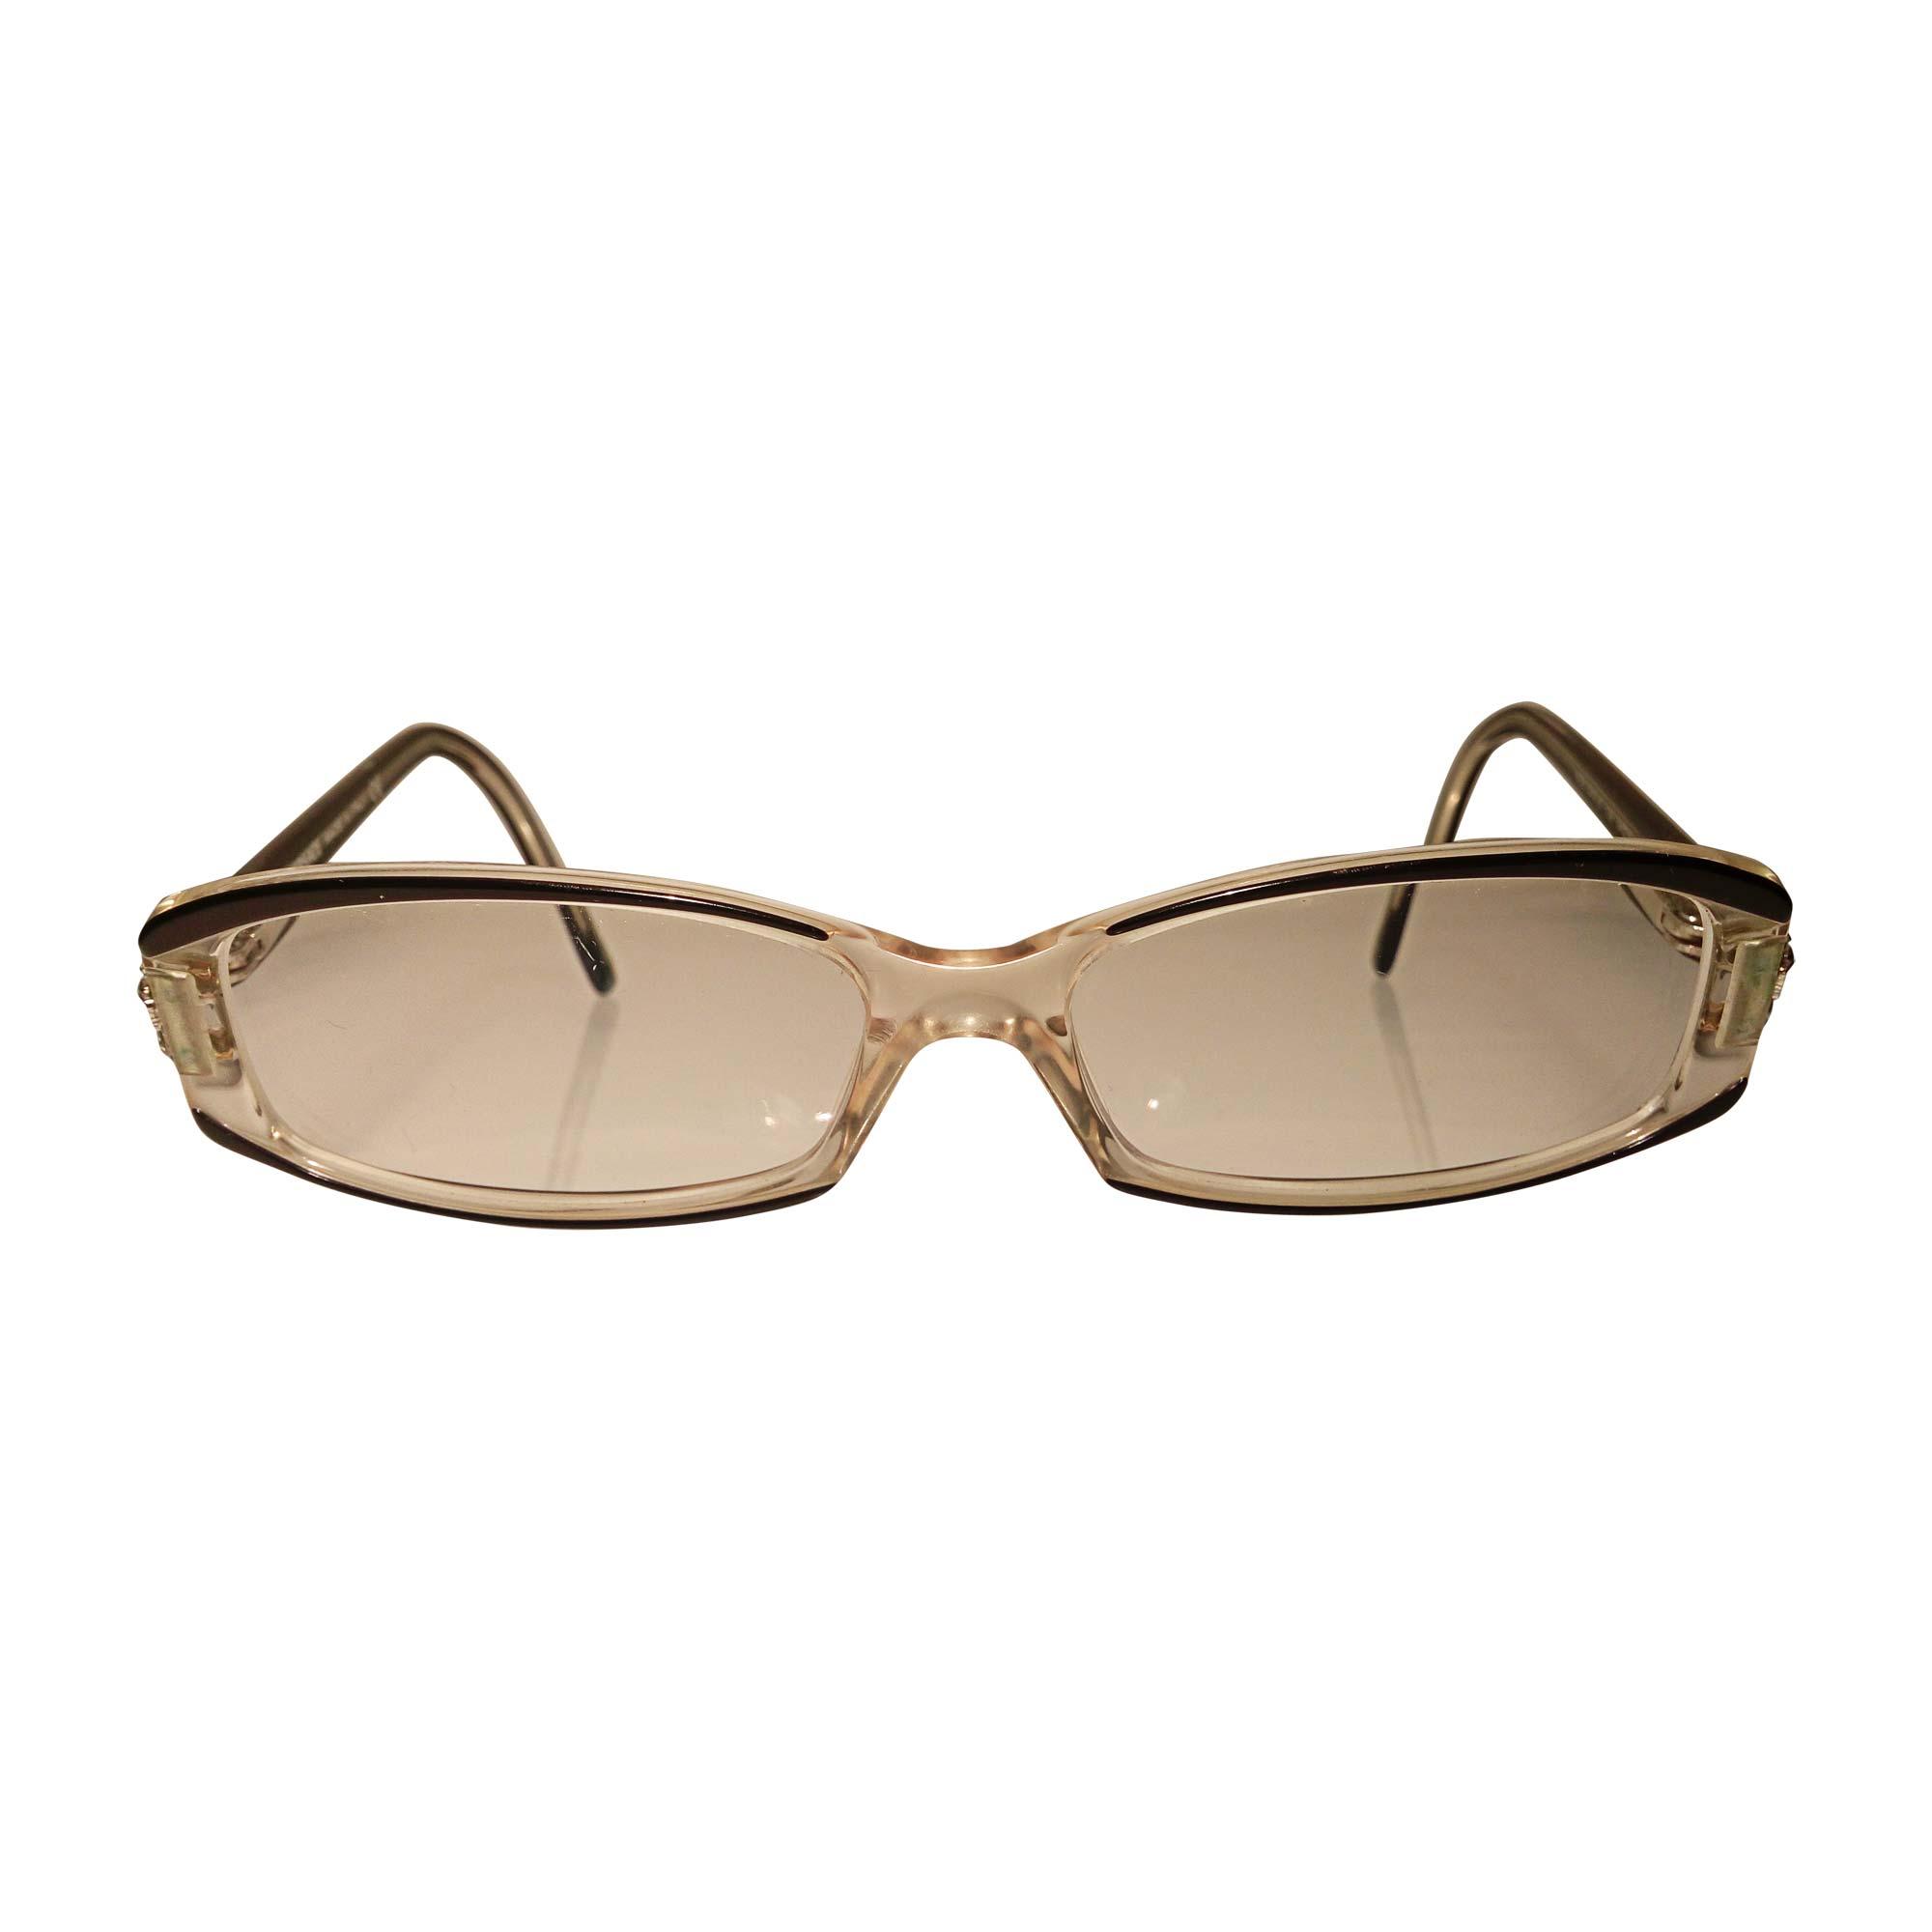 Monture de lunettes VERSACE noir et transparent - 5687525 96a6736268b5